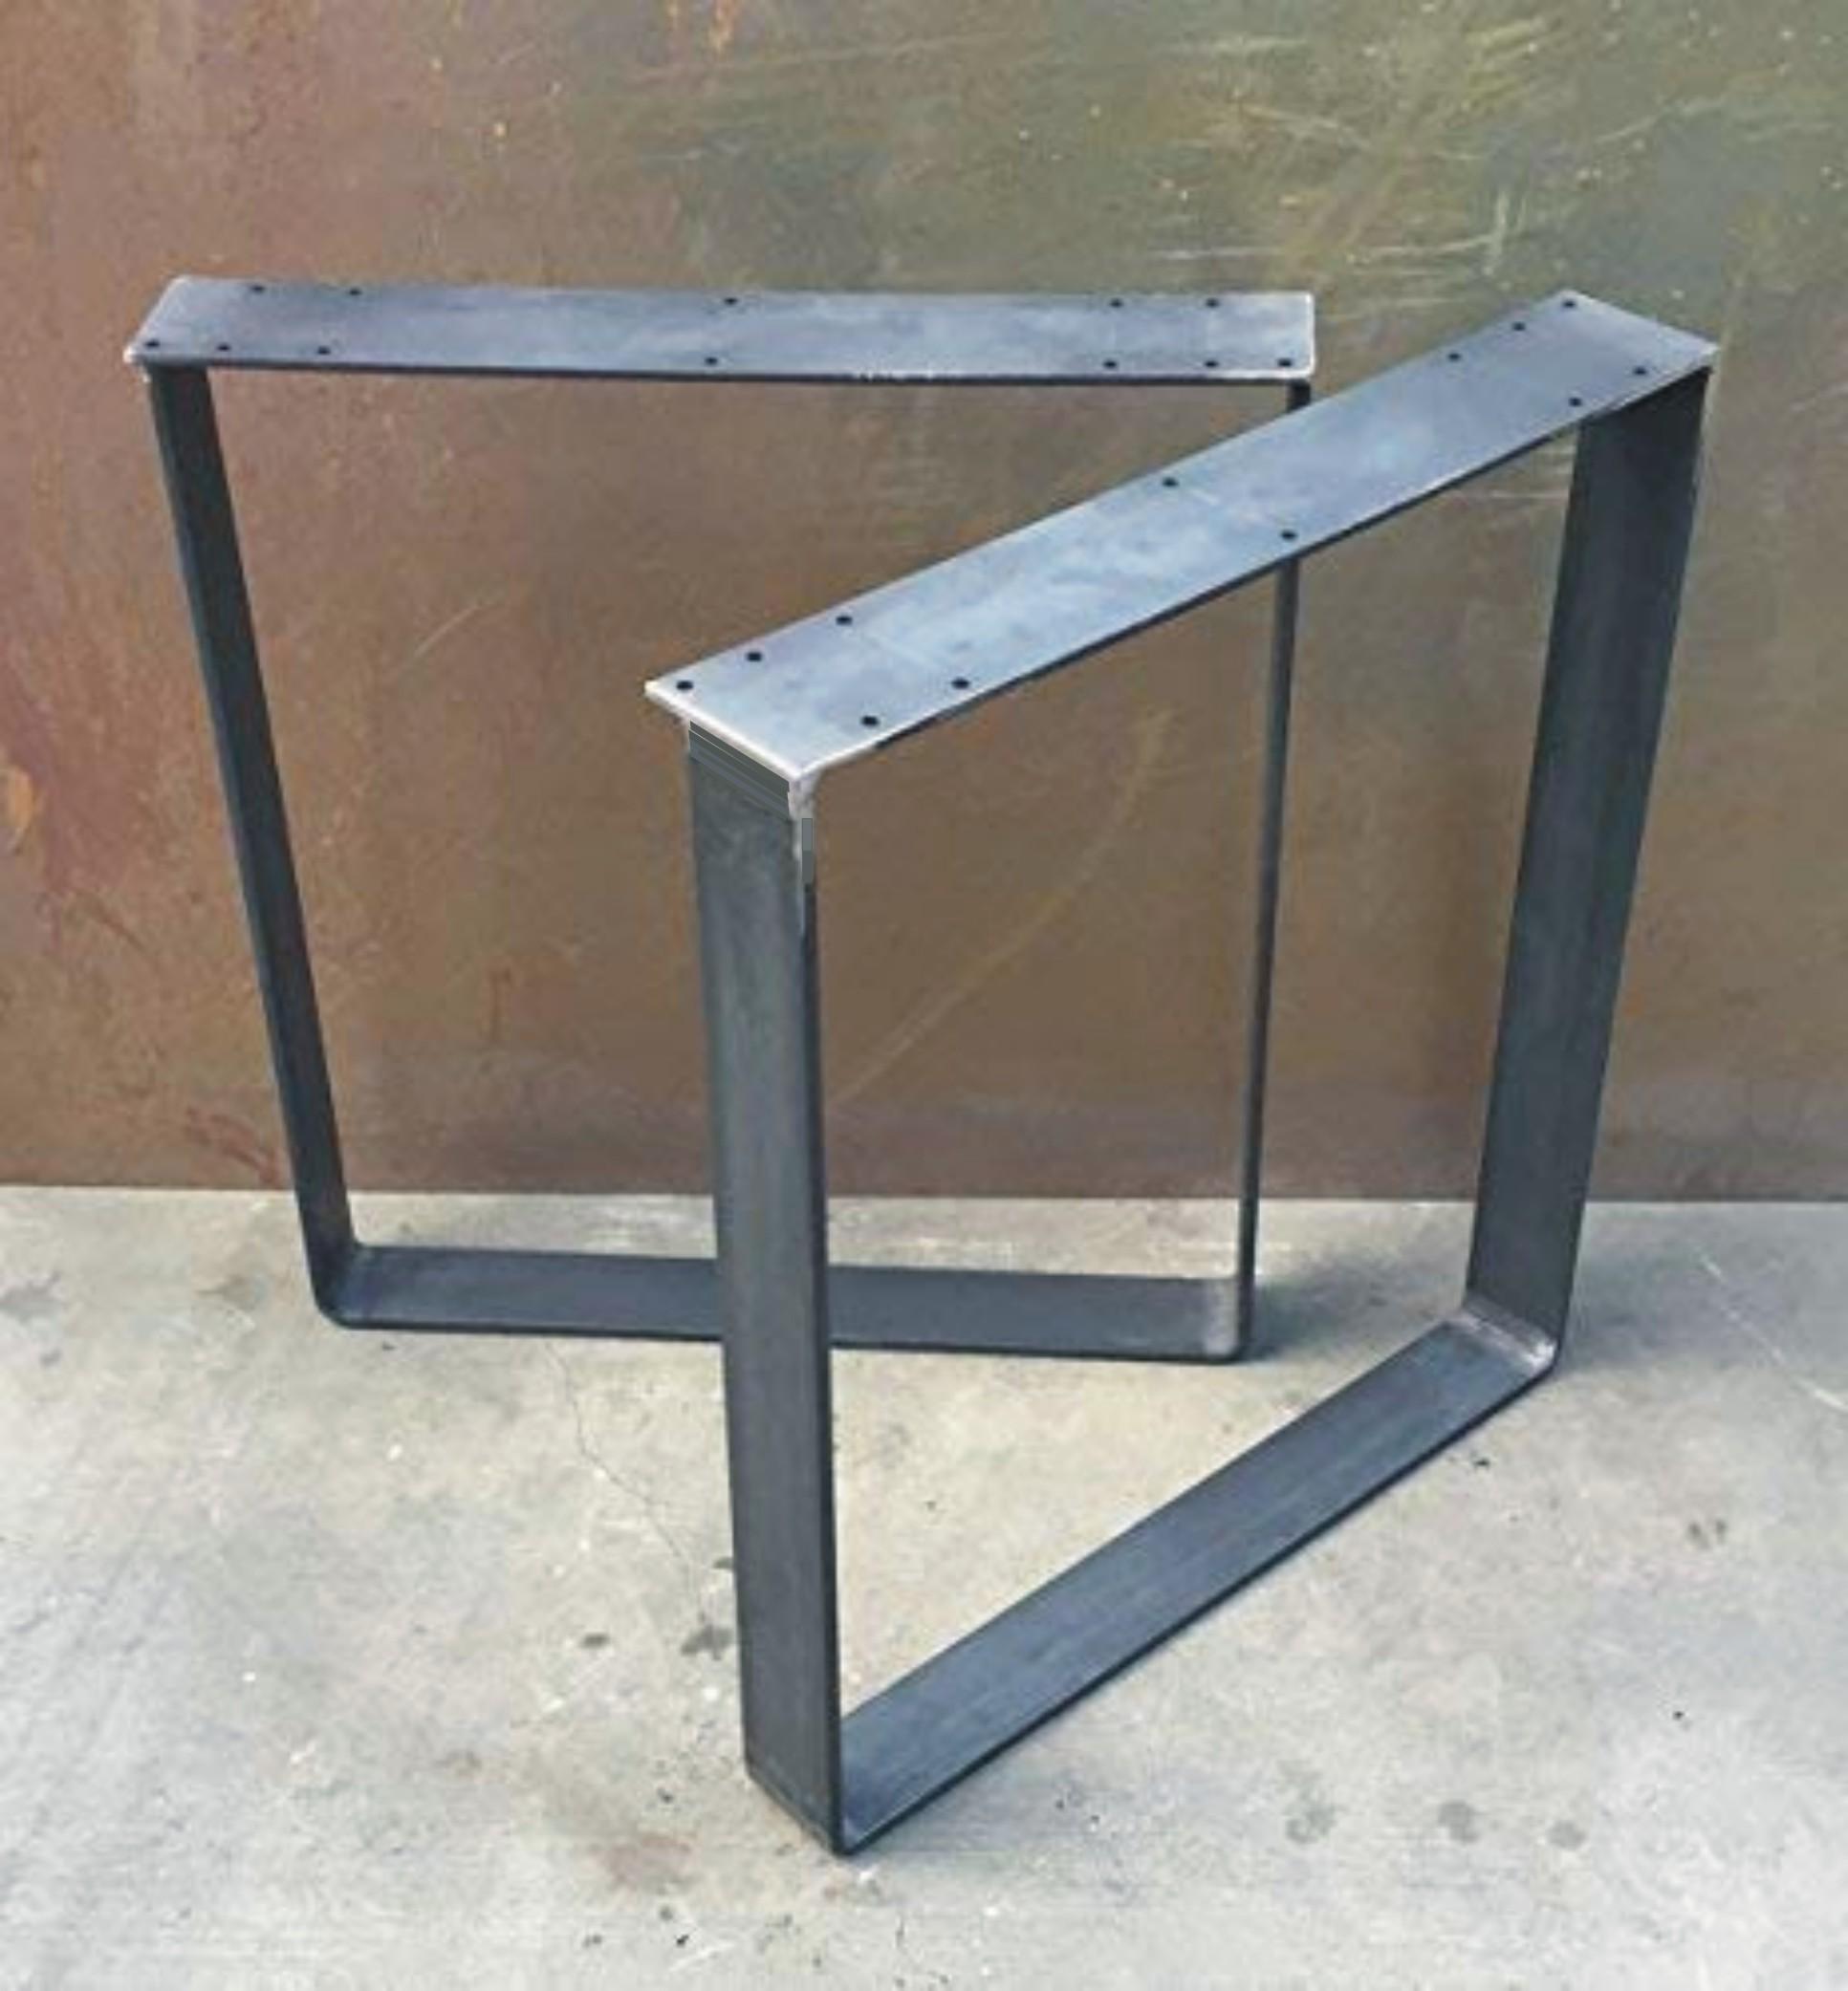 Steel table legs 1